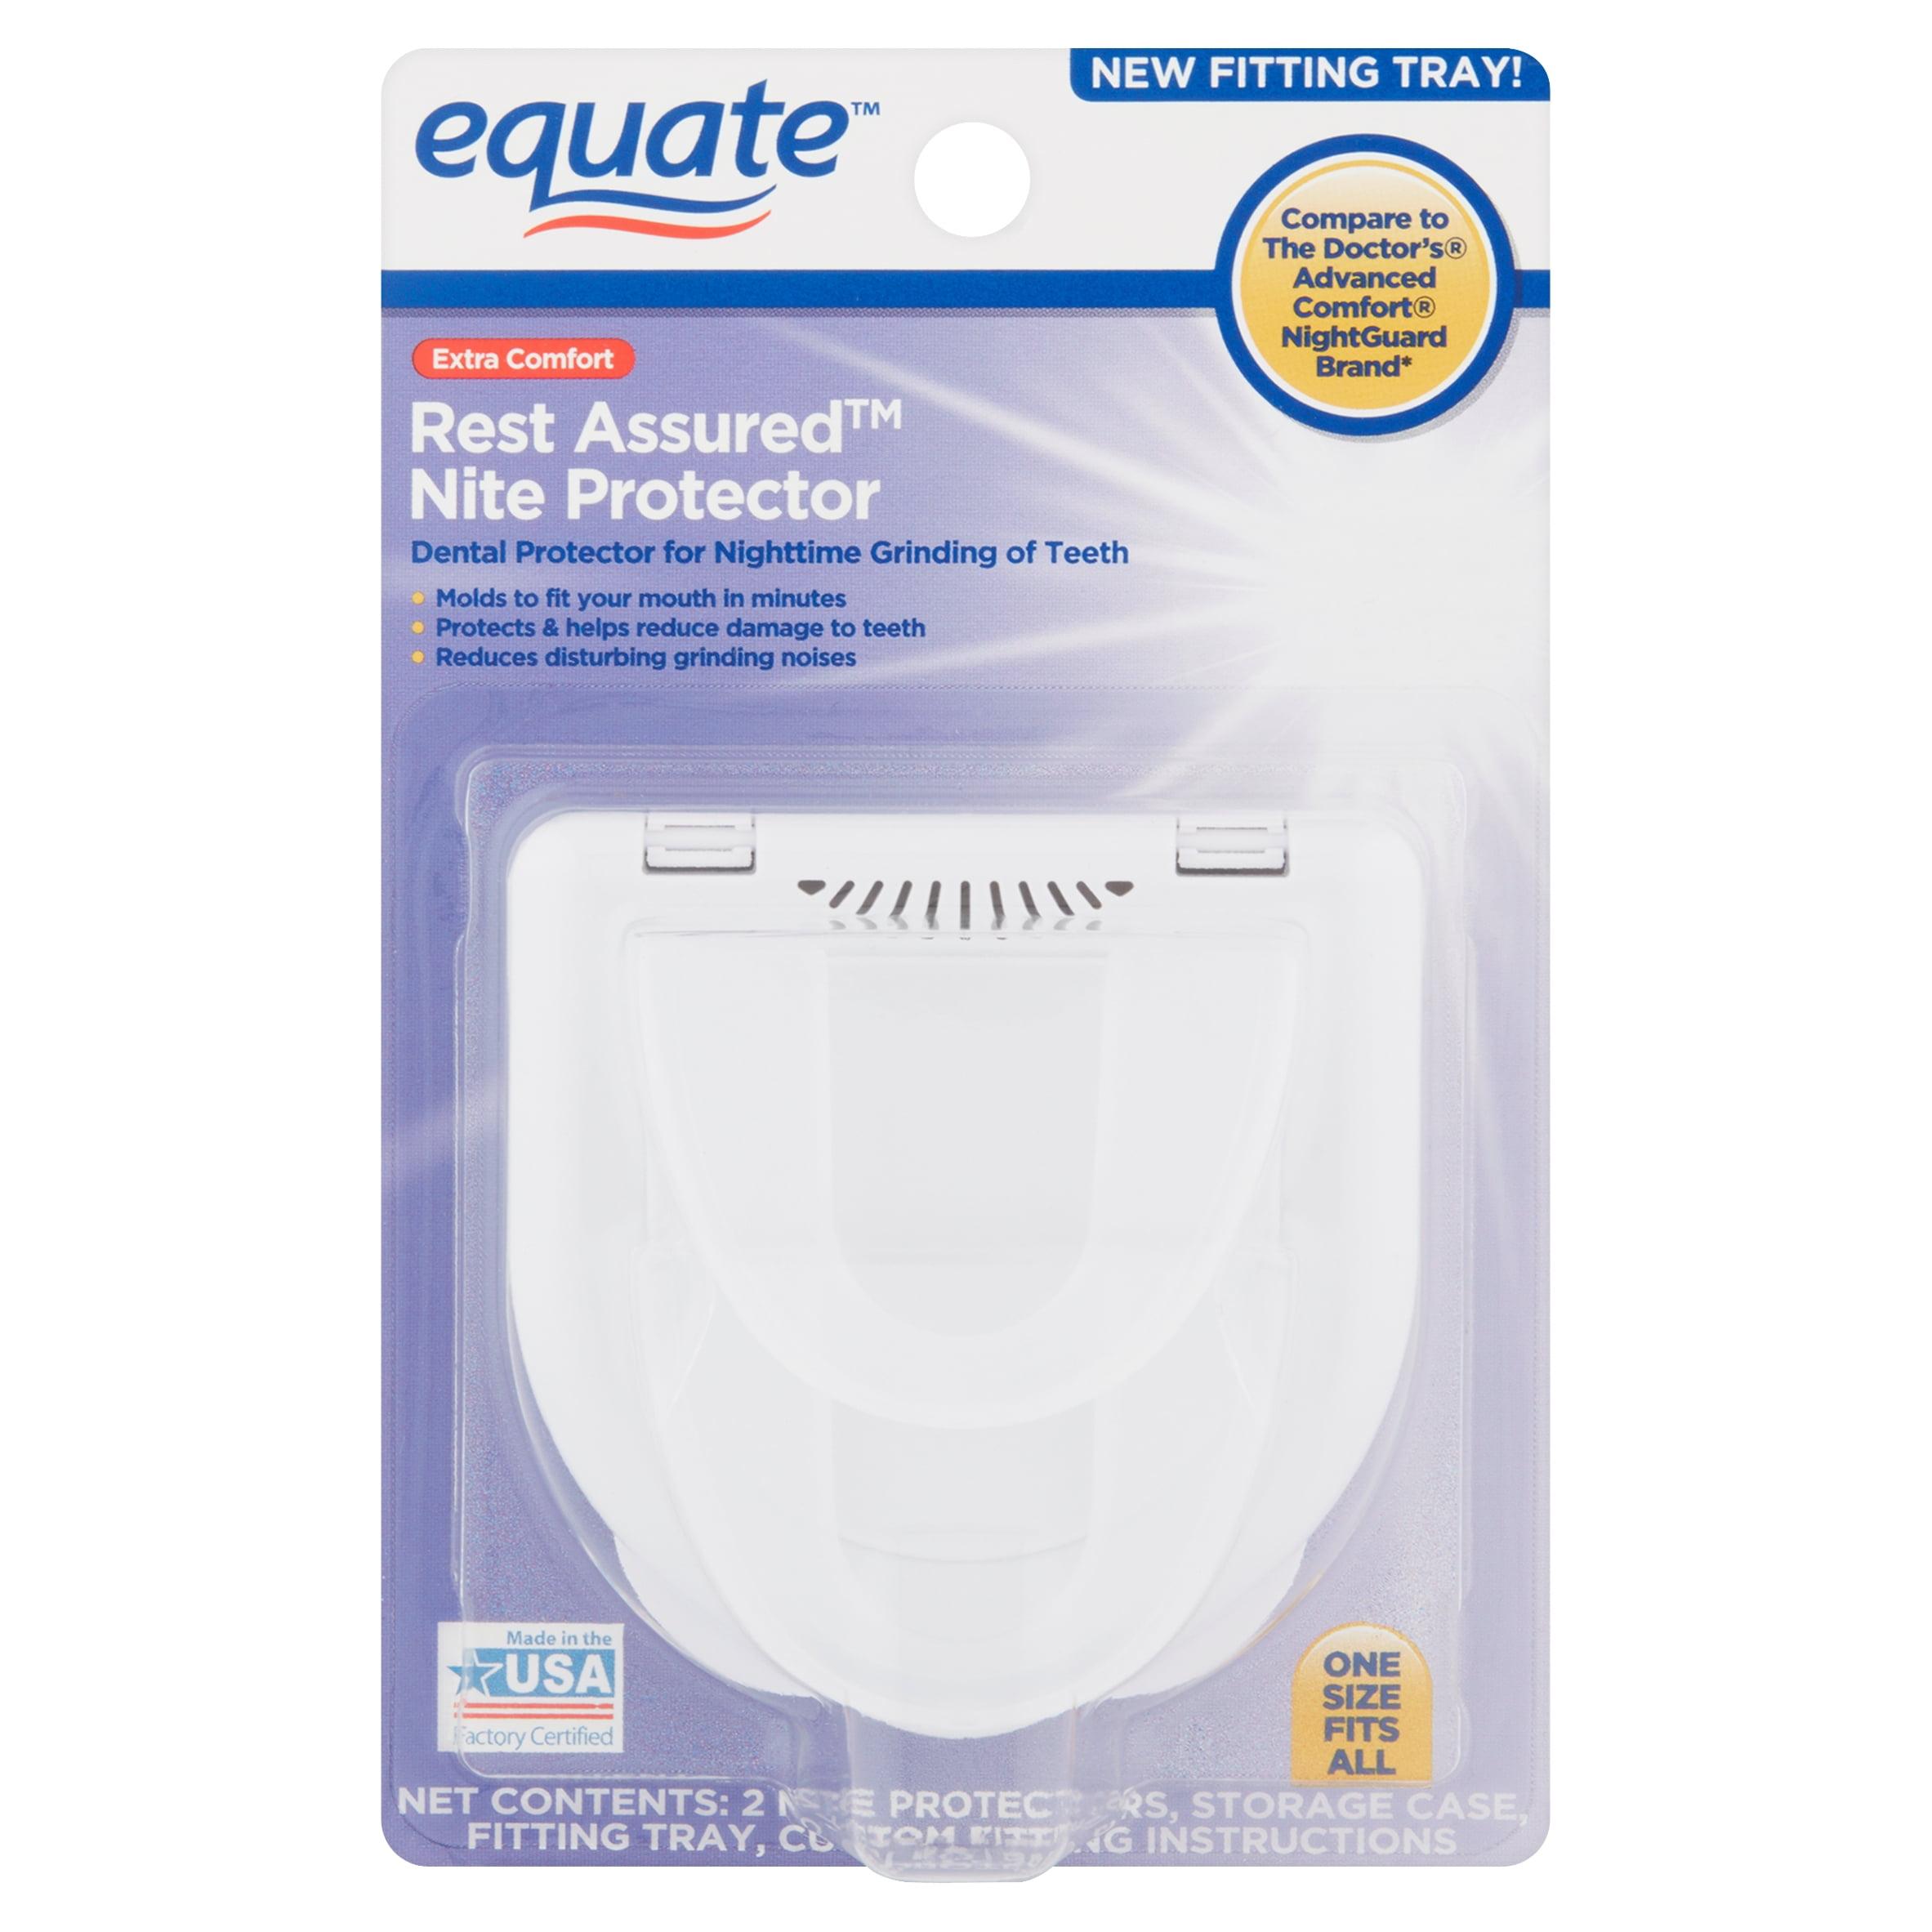 Equate Extra Comfort Rest Assured Dental Nite Protector, 1